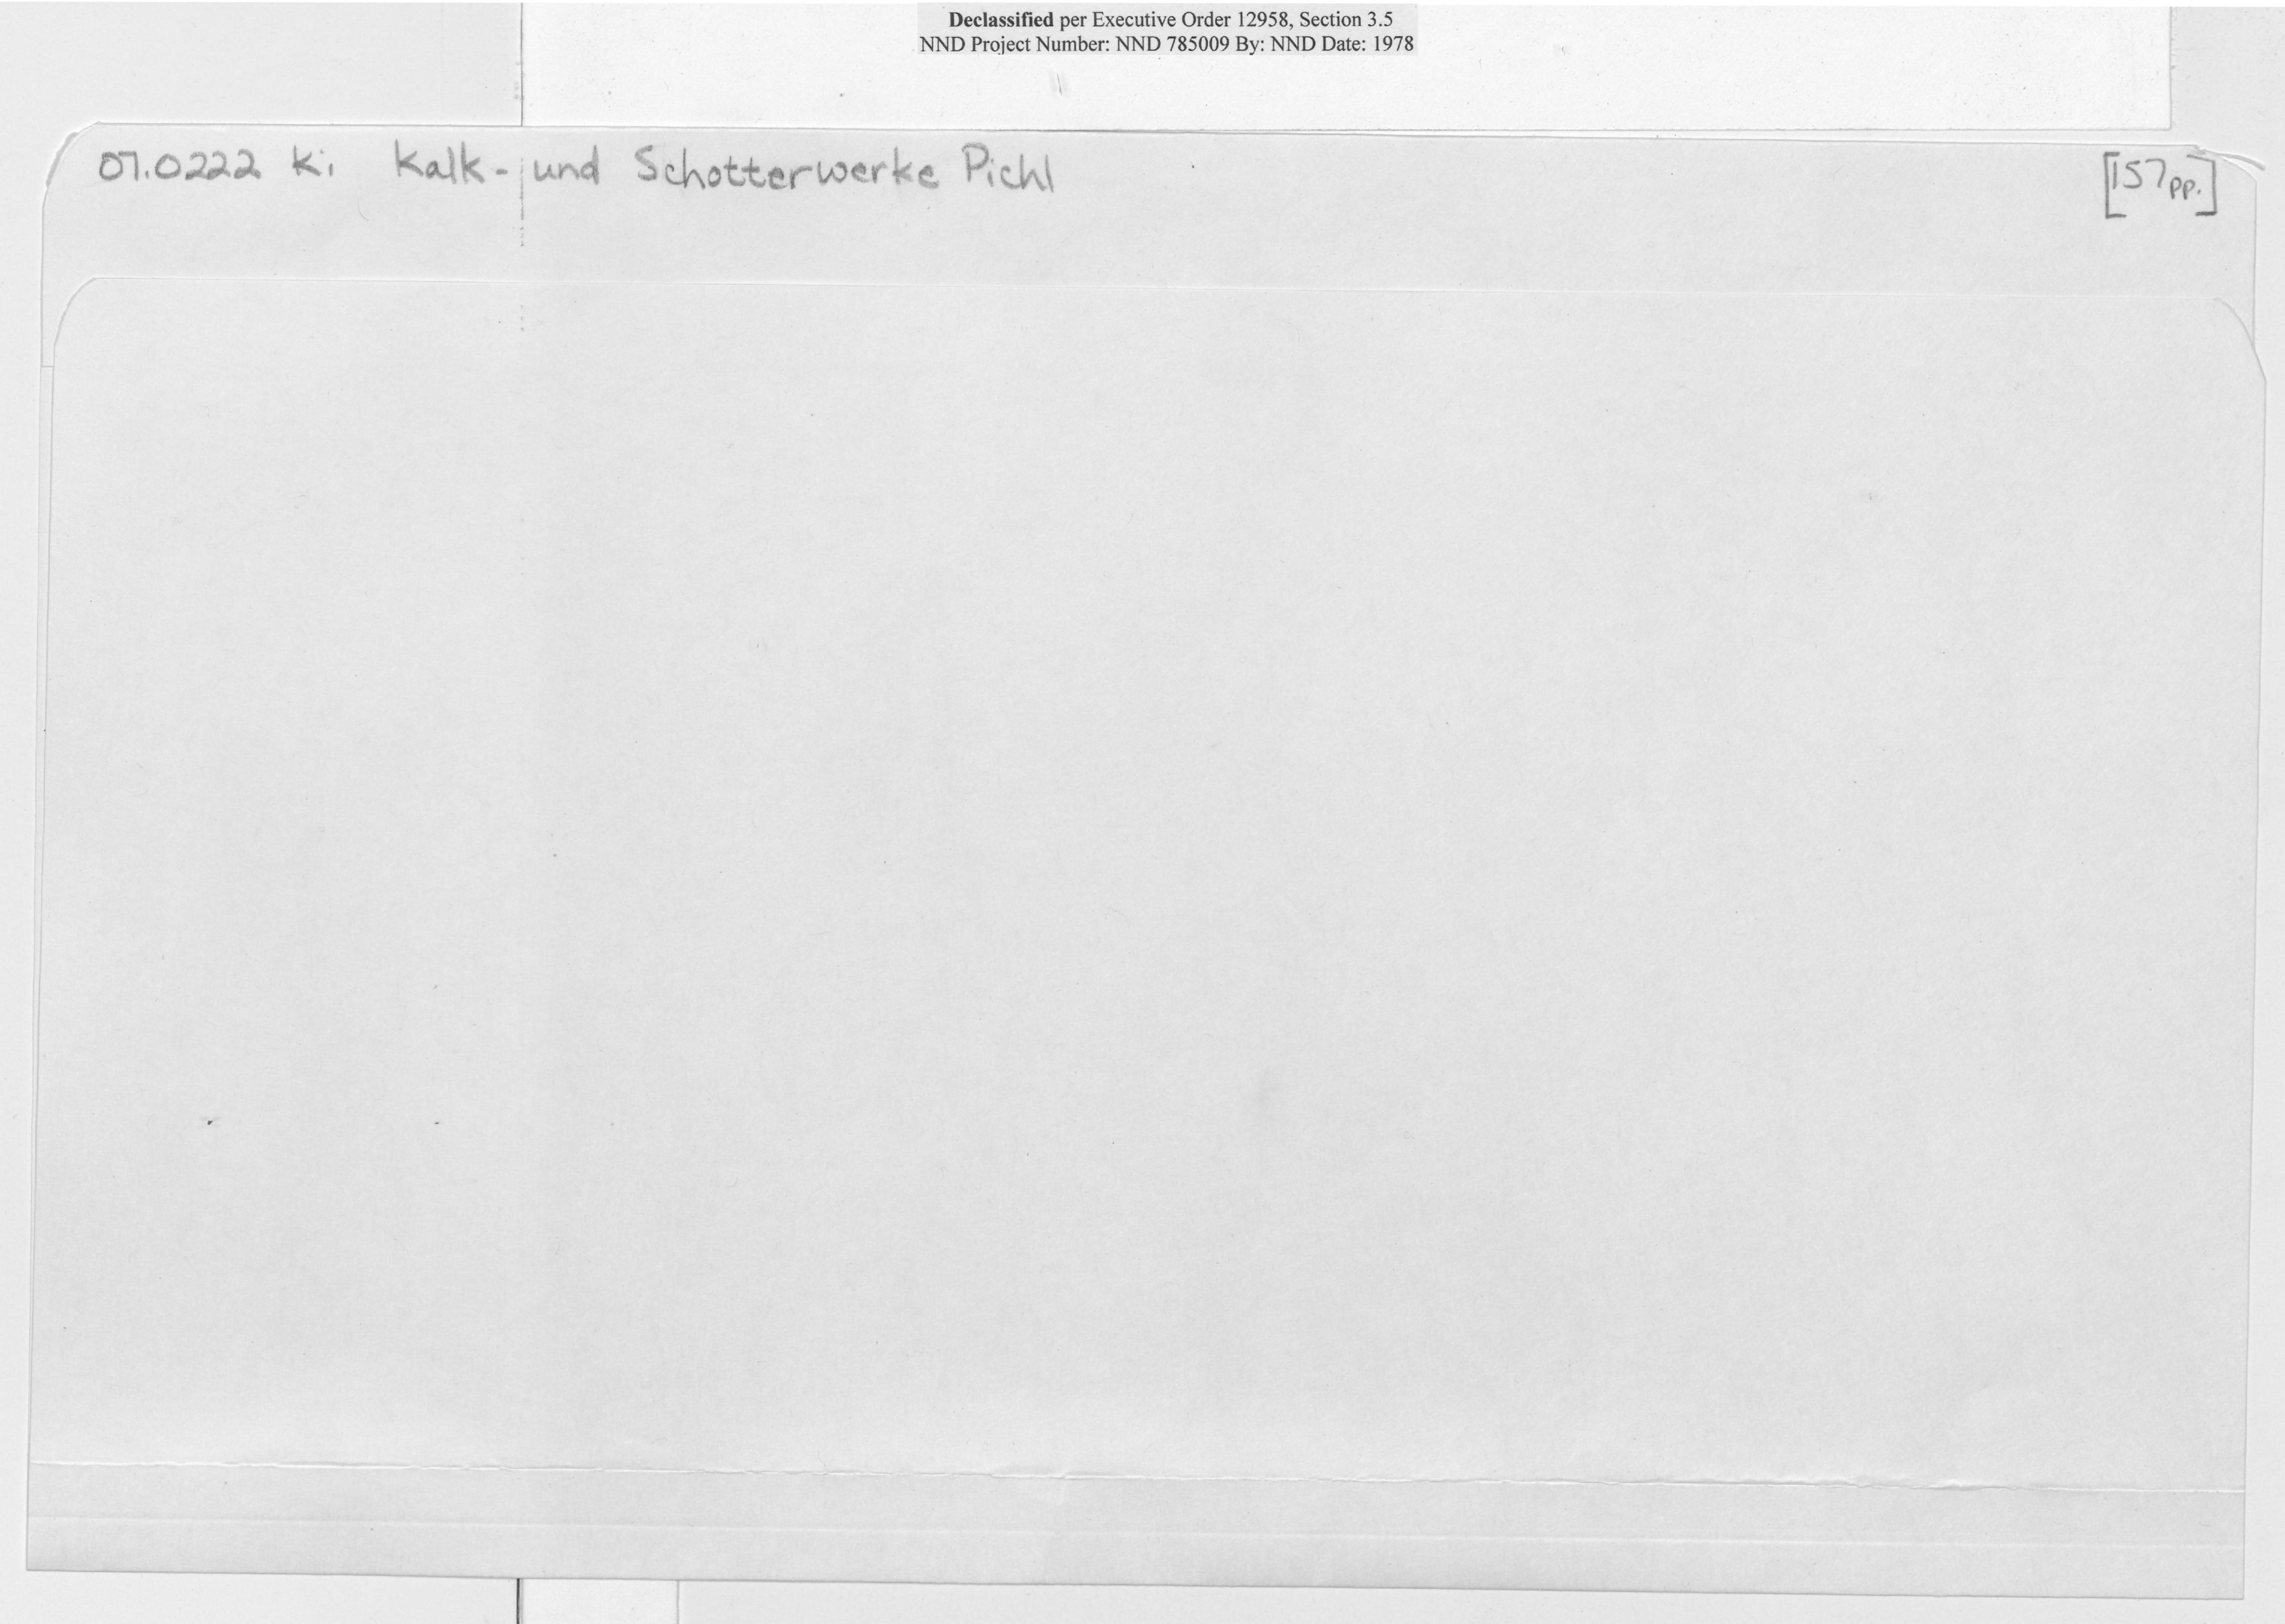 O7 0222 Ki Kalk-Und Schotterwerke Pichl